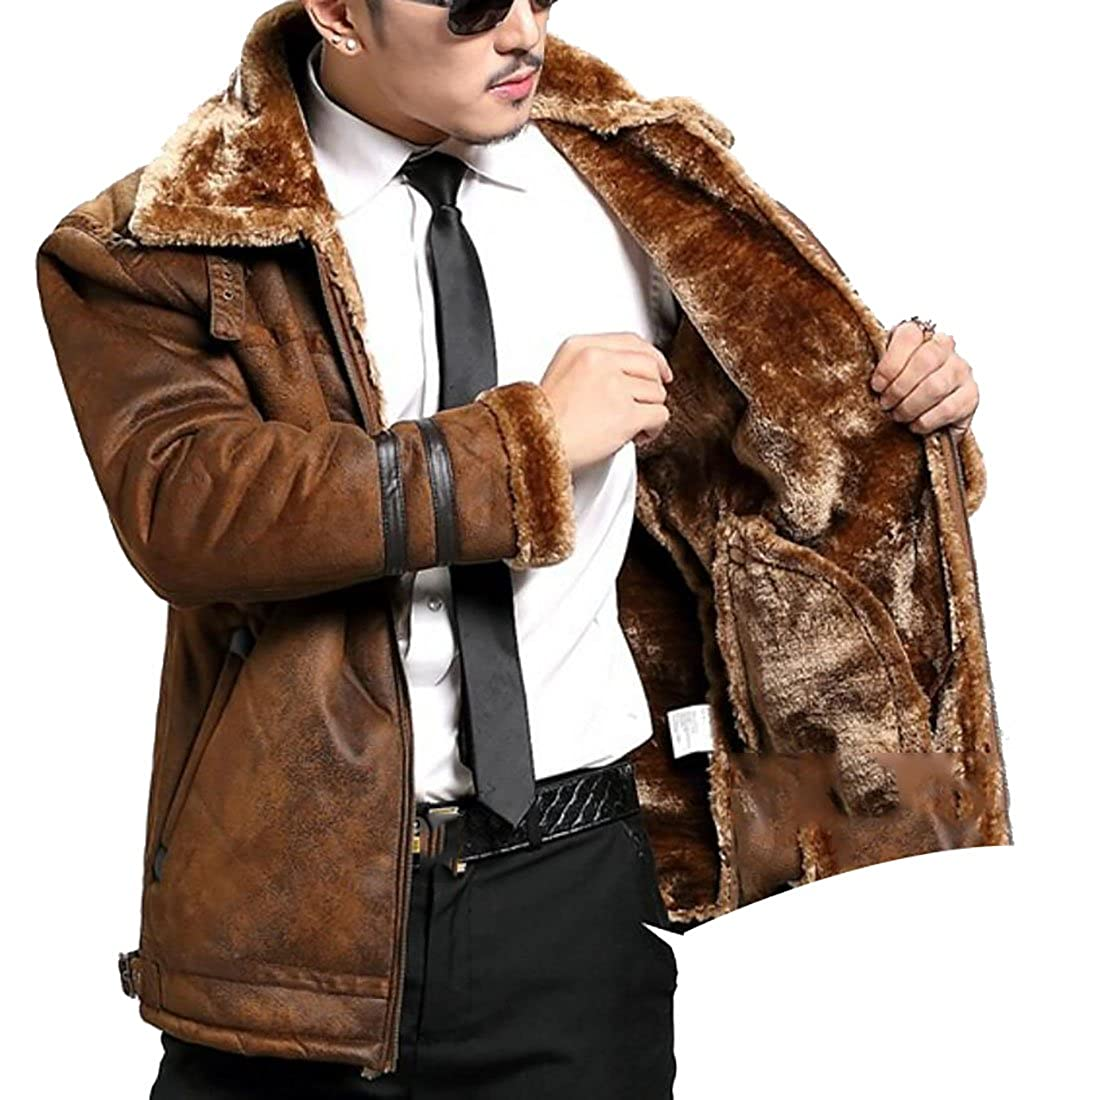 Amazon.com: artffel-men clásico Invierno Cálido Fur Lined ...